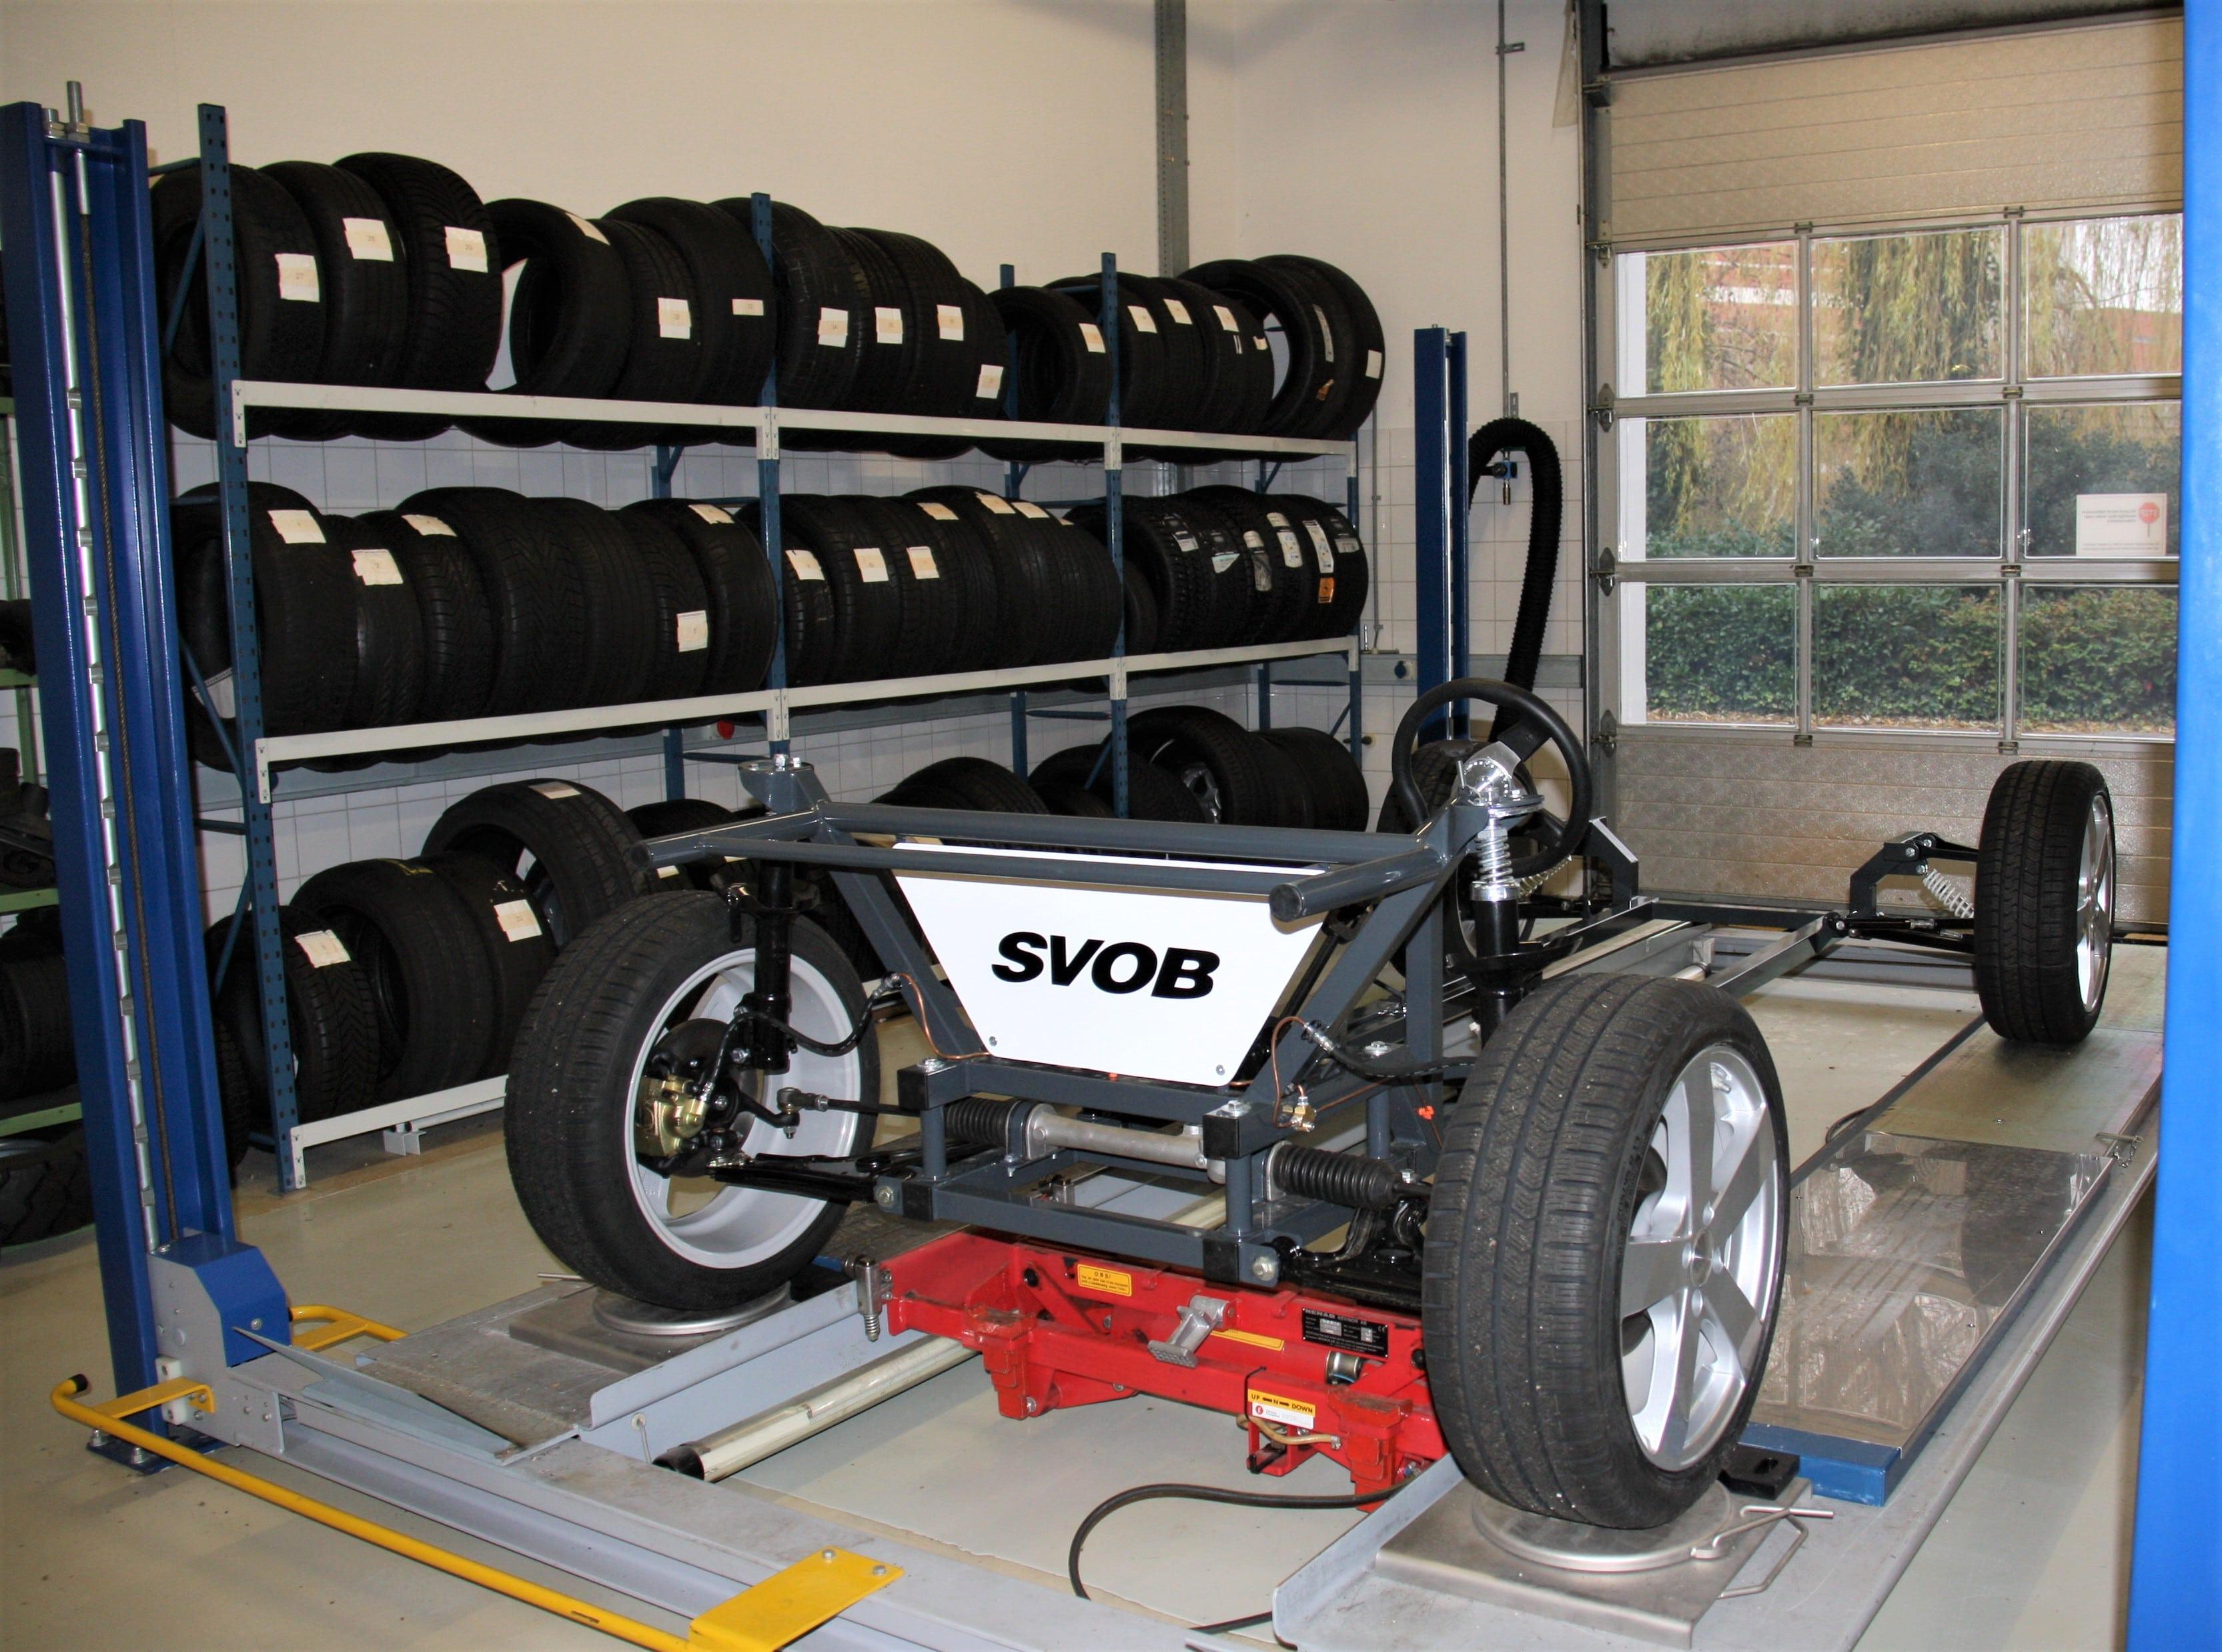 VACO trainingsruimte banden en wielenbranche, uitlijnmodel en banden met diverse slijtagepatronen